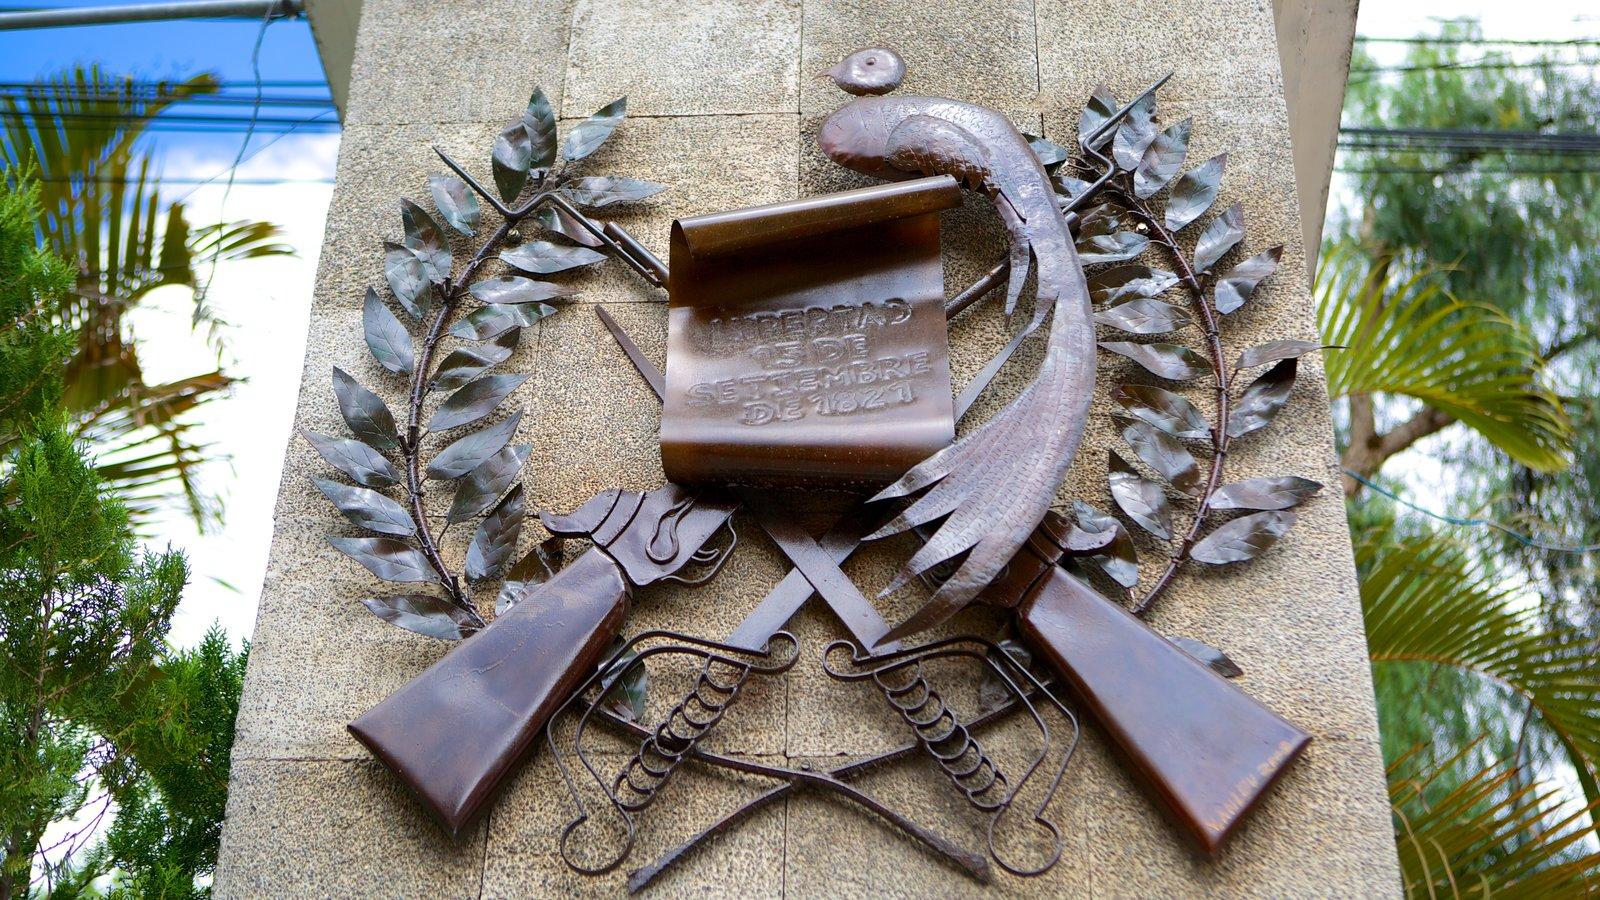 Panajachel que inclui fazenda, uma estátua ou escultura e flores silvestres